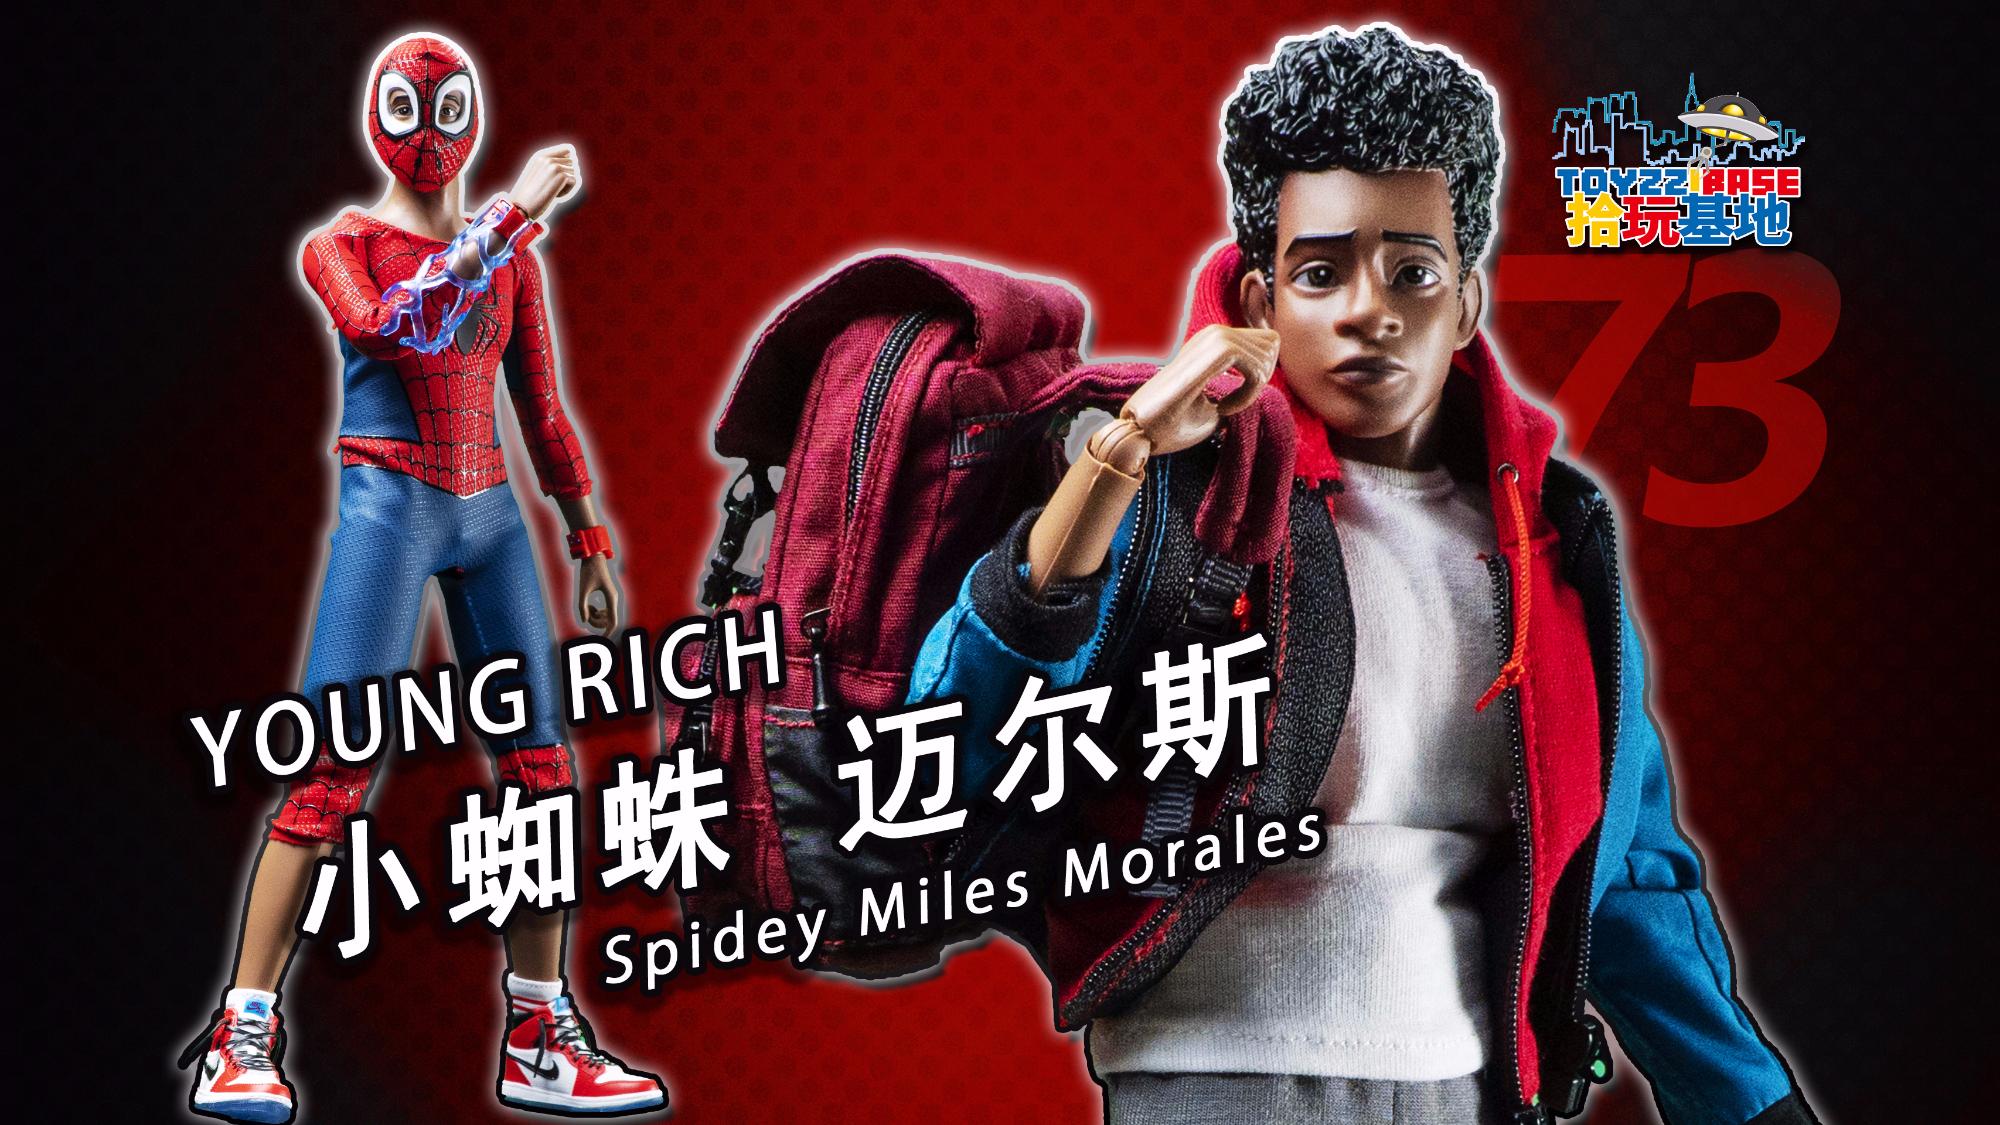 拾玩评测:剧情完美互动,一套没有合身战衣的蜘蛛侠 YR小蜘蛛迈尔斯